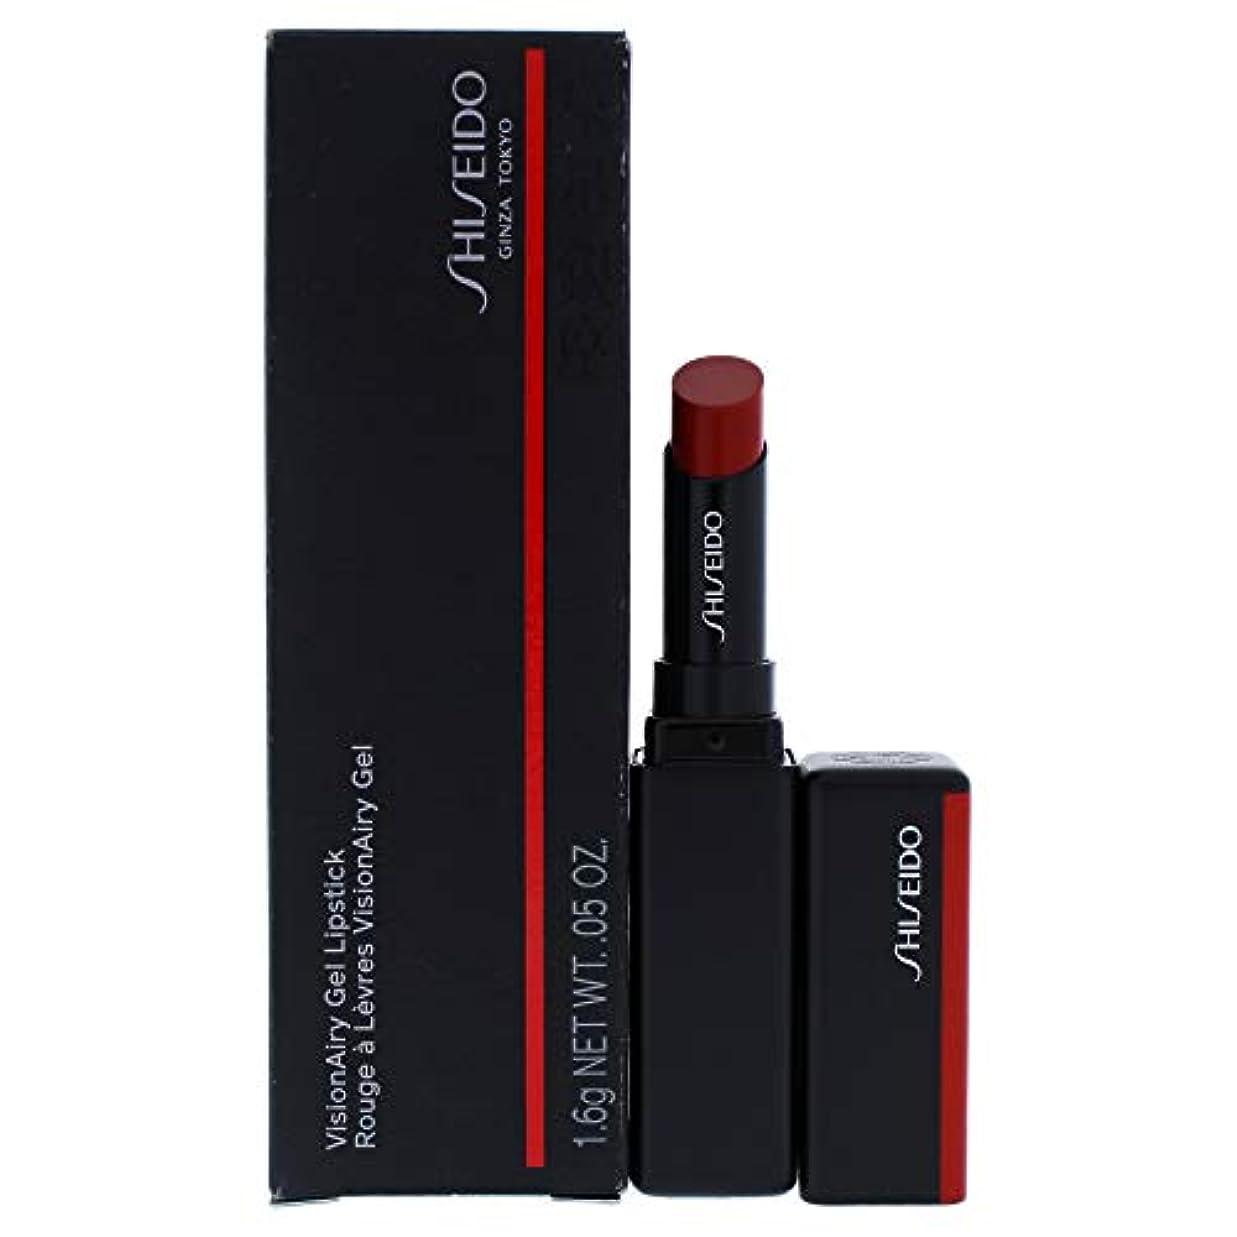 複雑浸す処分した資生堂 VisionAiry Gel Lipstick - # 221 Code Red (Ruby Red) 1.6g/0.05oz並行輸入品